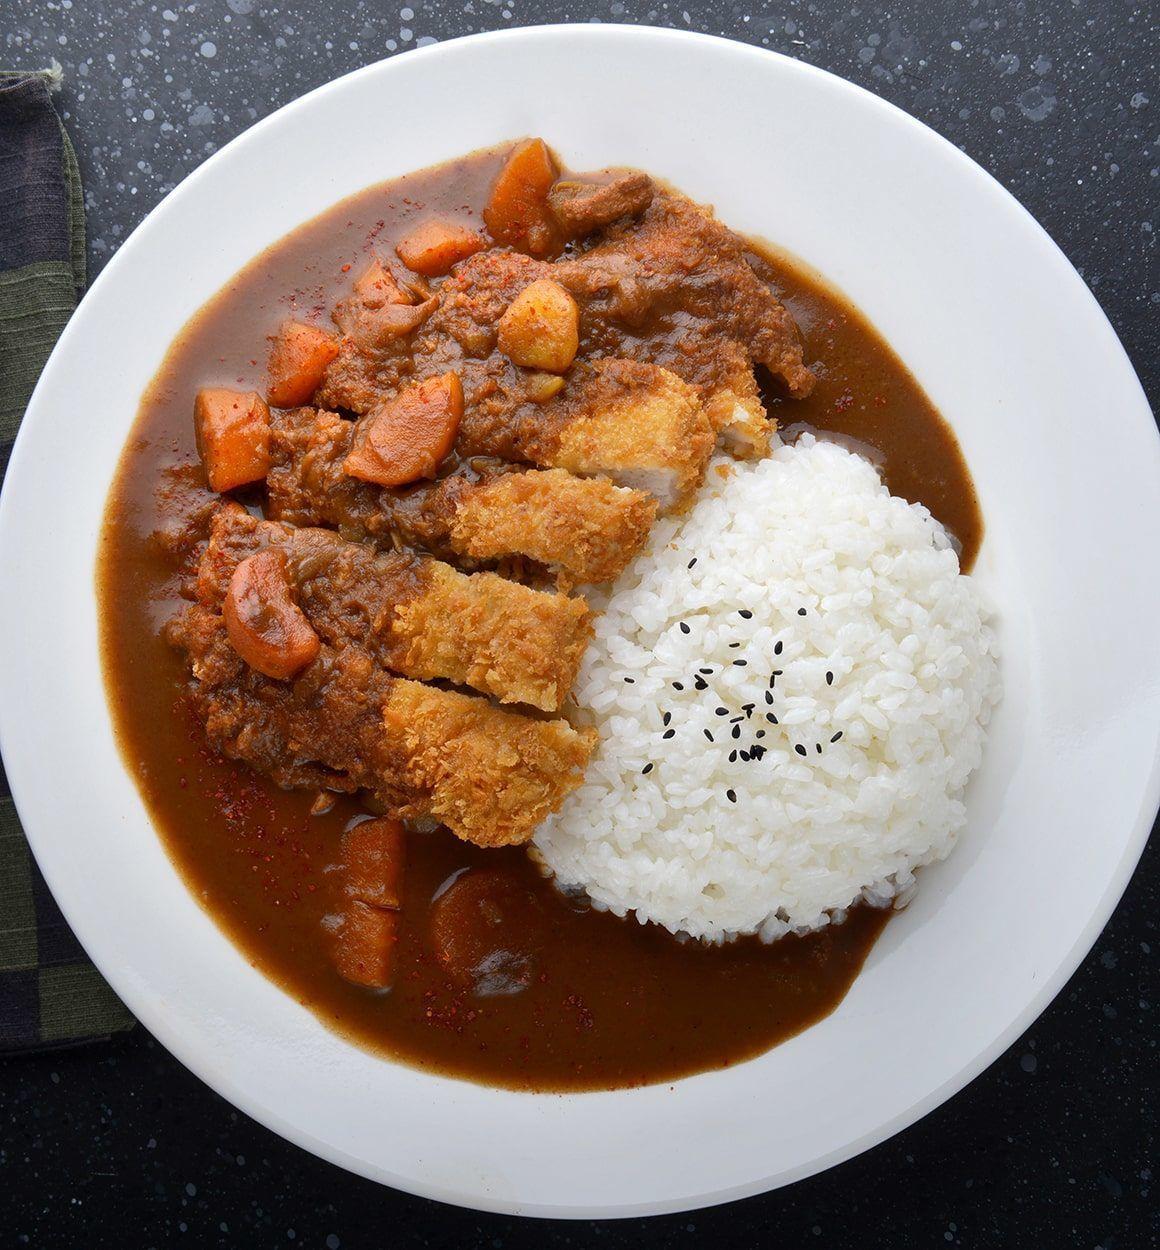 Source By Jlindheim Di 2020 Resep Makan Malam Sehat Makanan Dan Minuman Ide Makanan